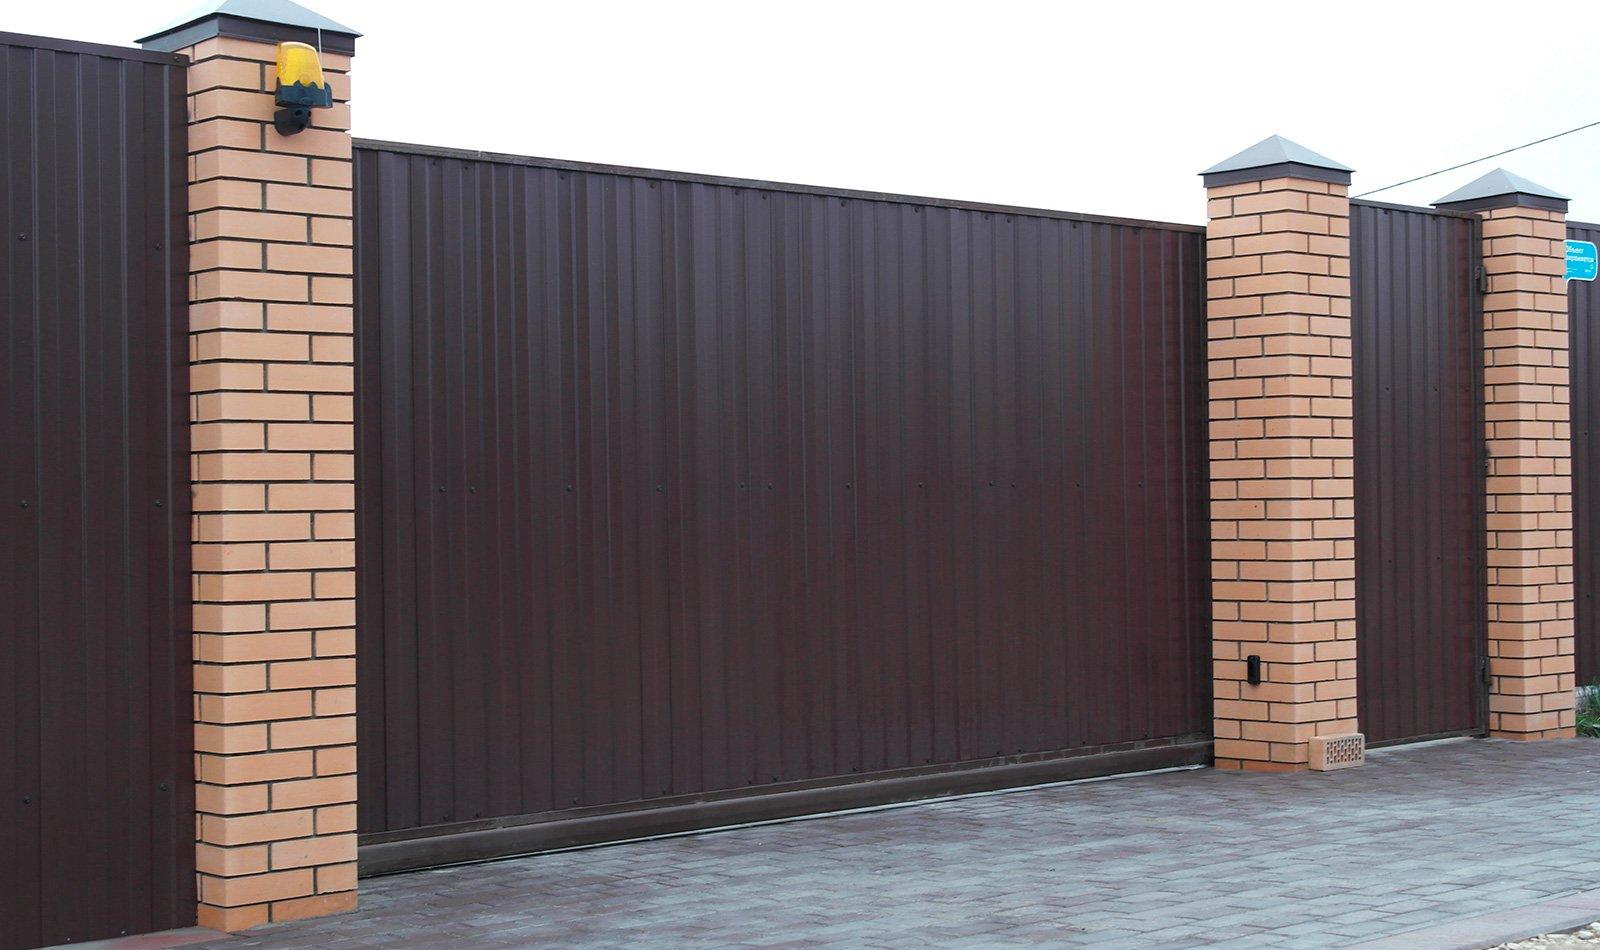 Ограда и ворота от ведущего производителя Забор Групп